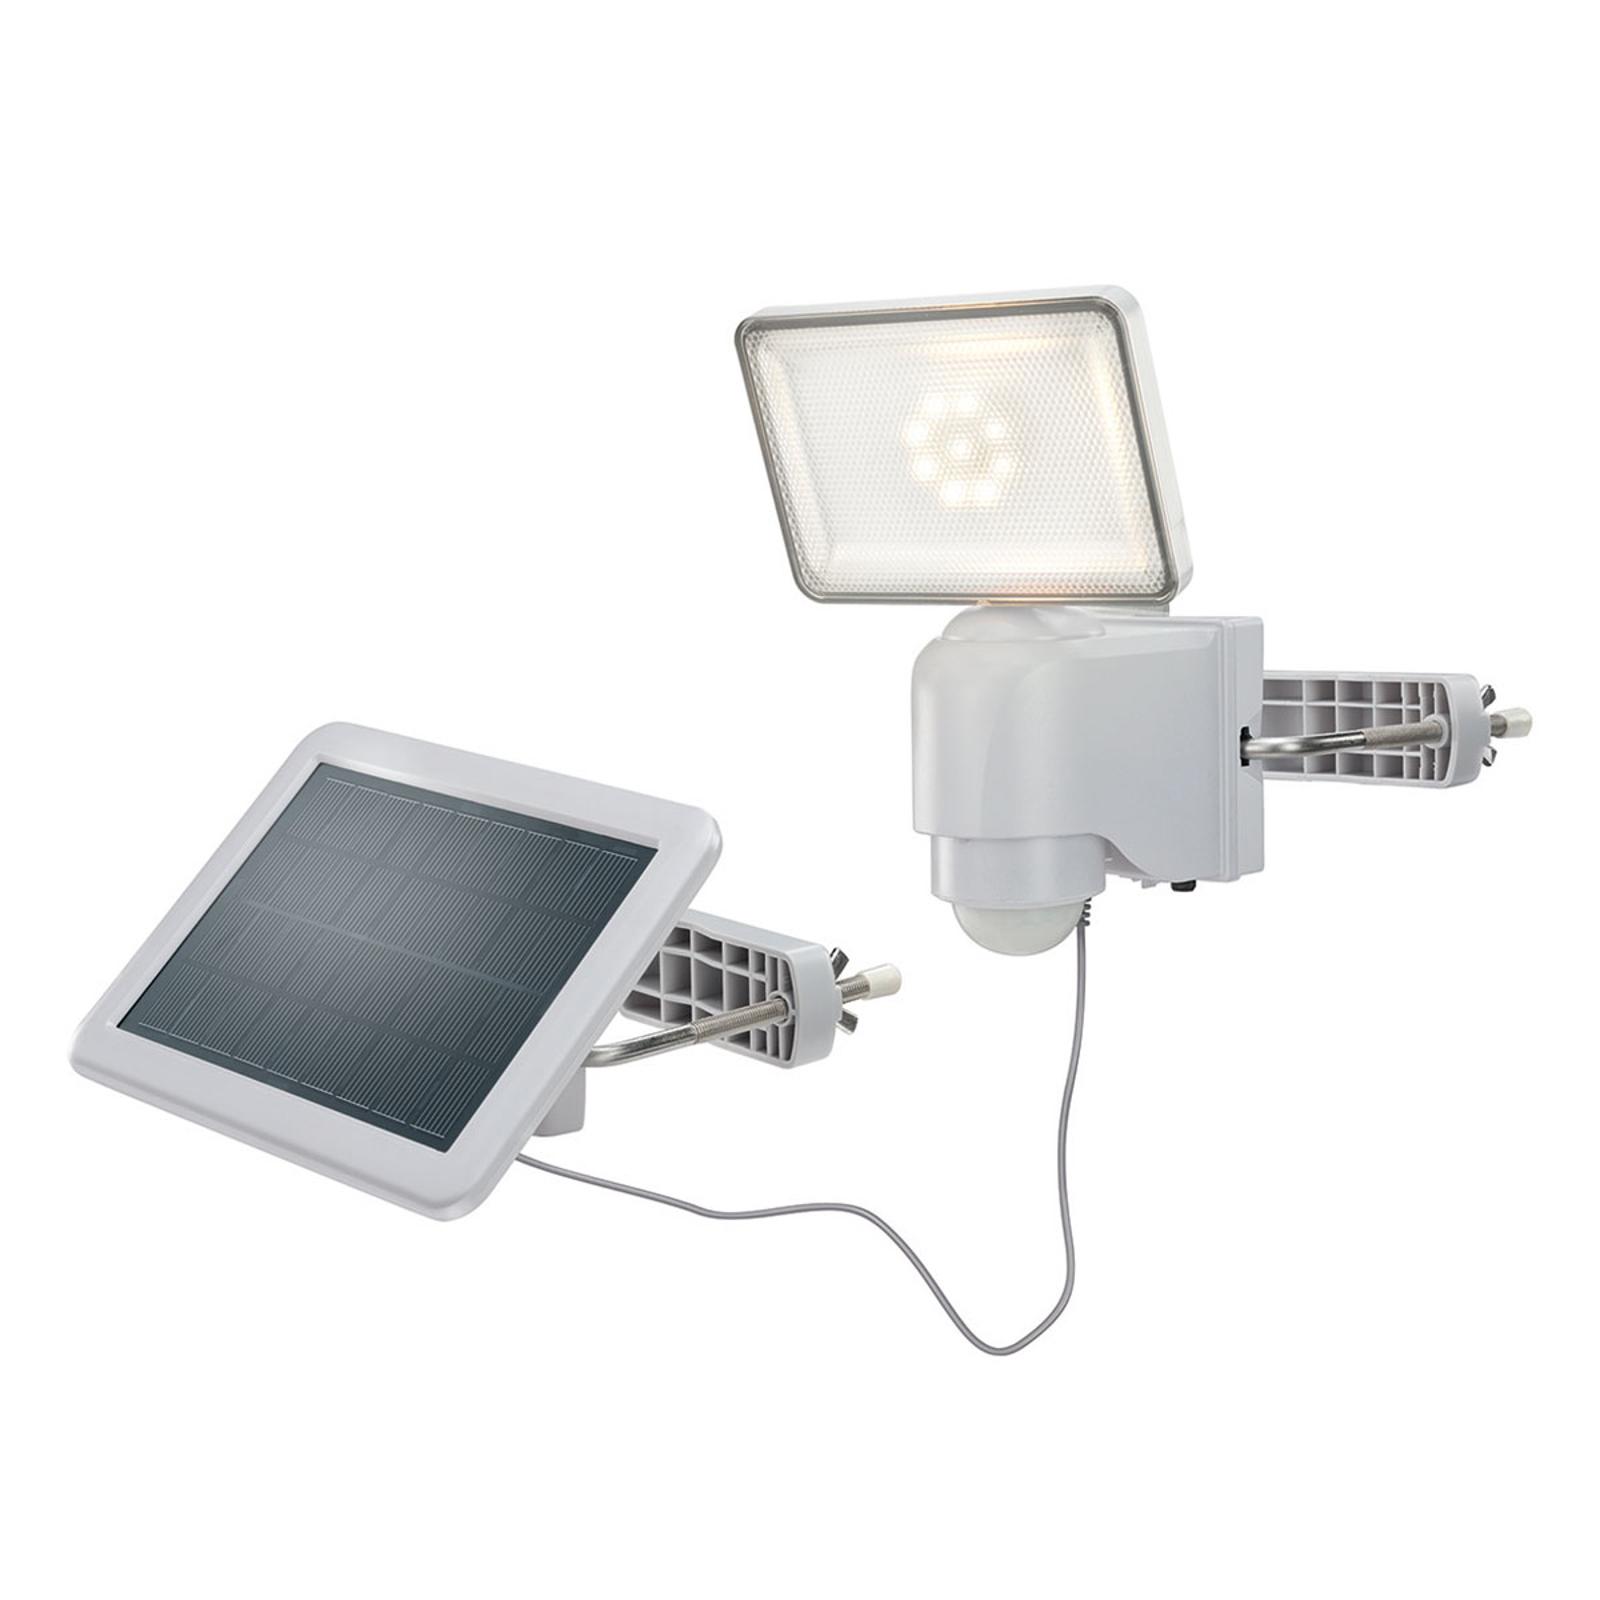 Spot mural solaire LED Power, 500lm, capteur IR